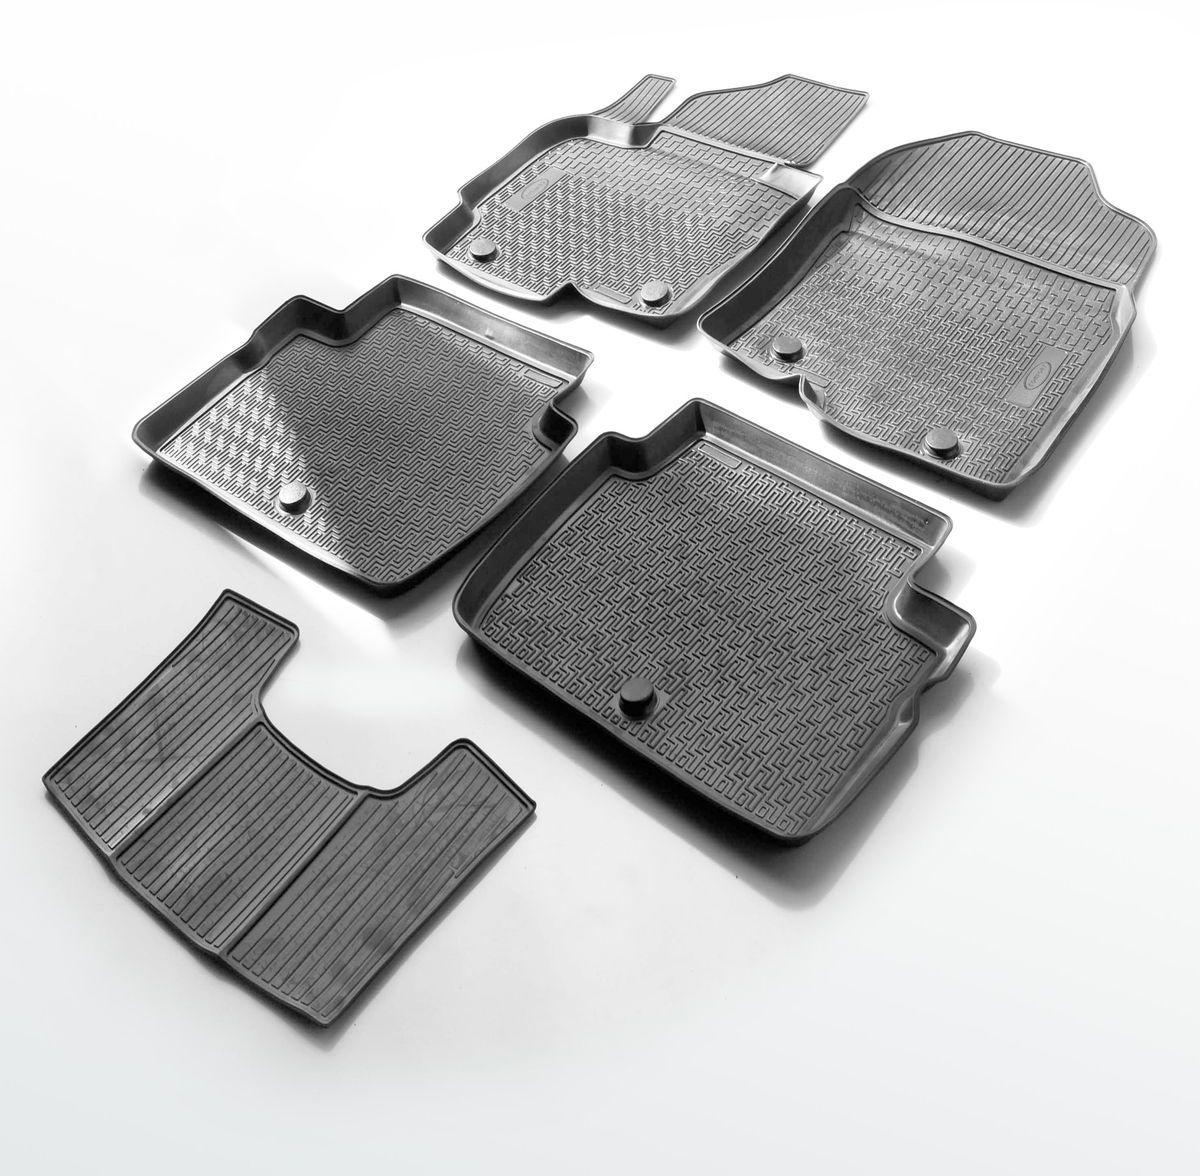 Коврики салона Rival для Ford Mondeo 2015-, c перемычкой, полиуретан98298130Прочные и долговечные коврики Rival в салон автомобиля, изготовлены из высококачественного и экологичного сырья, полностью повторяют геометрию салона вашего автомобиля.- Надежная система крепления, позволяющая закрепить коврик на штатные элементы фиксации, в результате чего отсутствует эффект скольжения по салону автомобиля.- Высокая стойкость поверхности к стиранию.- Специализированный рисунок и высокий борт, препятствующие распространению грязи и жидкости по поверхности коврика.- Перемычка задних ковриков в комплекте предотвращает загрязнение тоннеля карданного вала.- Произведены из первичных материалов, в результате чего отсутствует неприятный запах в салоне автомобиля.- Высокая эластичность, можно беспрепятственно эксплуатировать при температуре от -45 ?C до +45 ?C.Уважаемые клиенты!Обращаем ваше внимание,что коврики имеет формусоответствующую модели данного автомобиля. Фото служит для визуального восприятия товара.